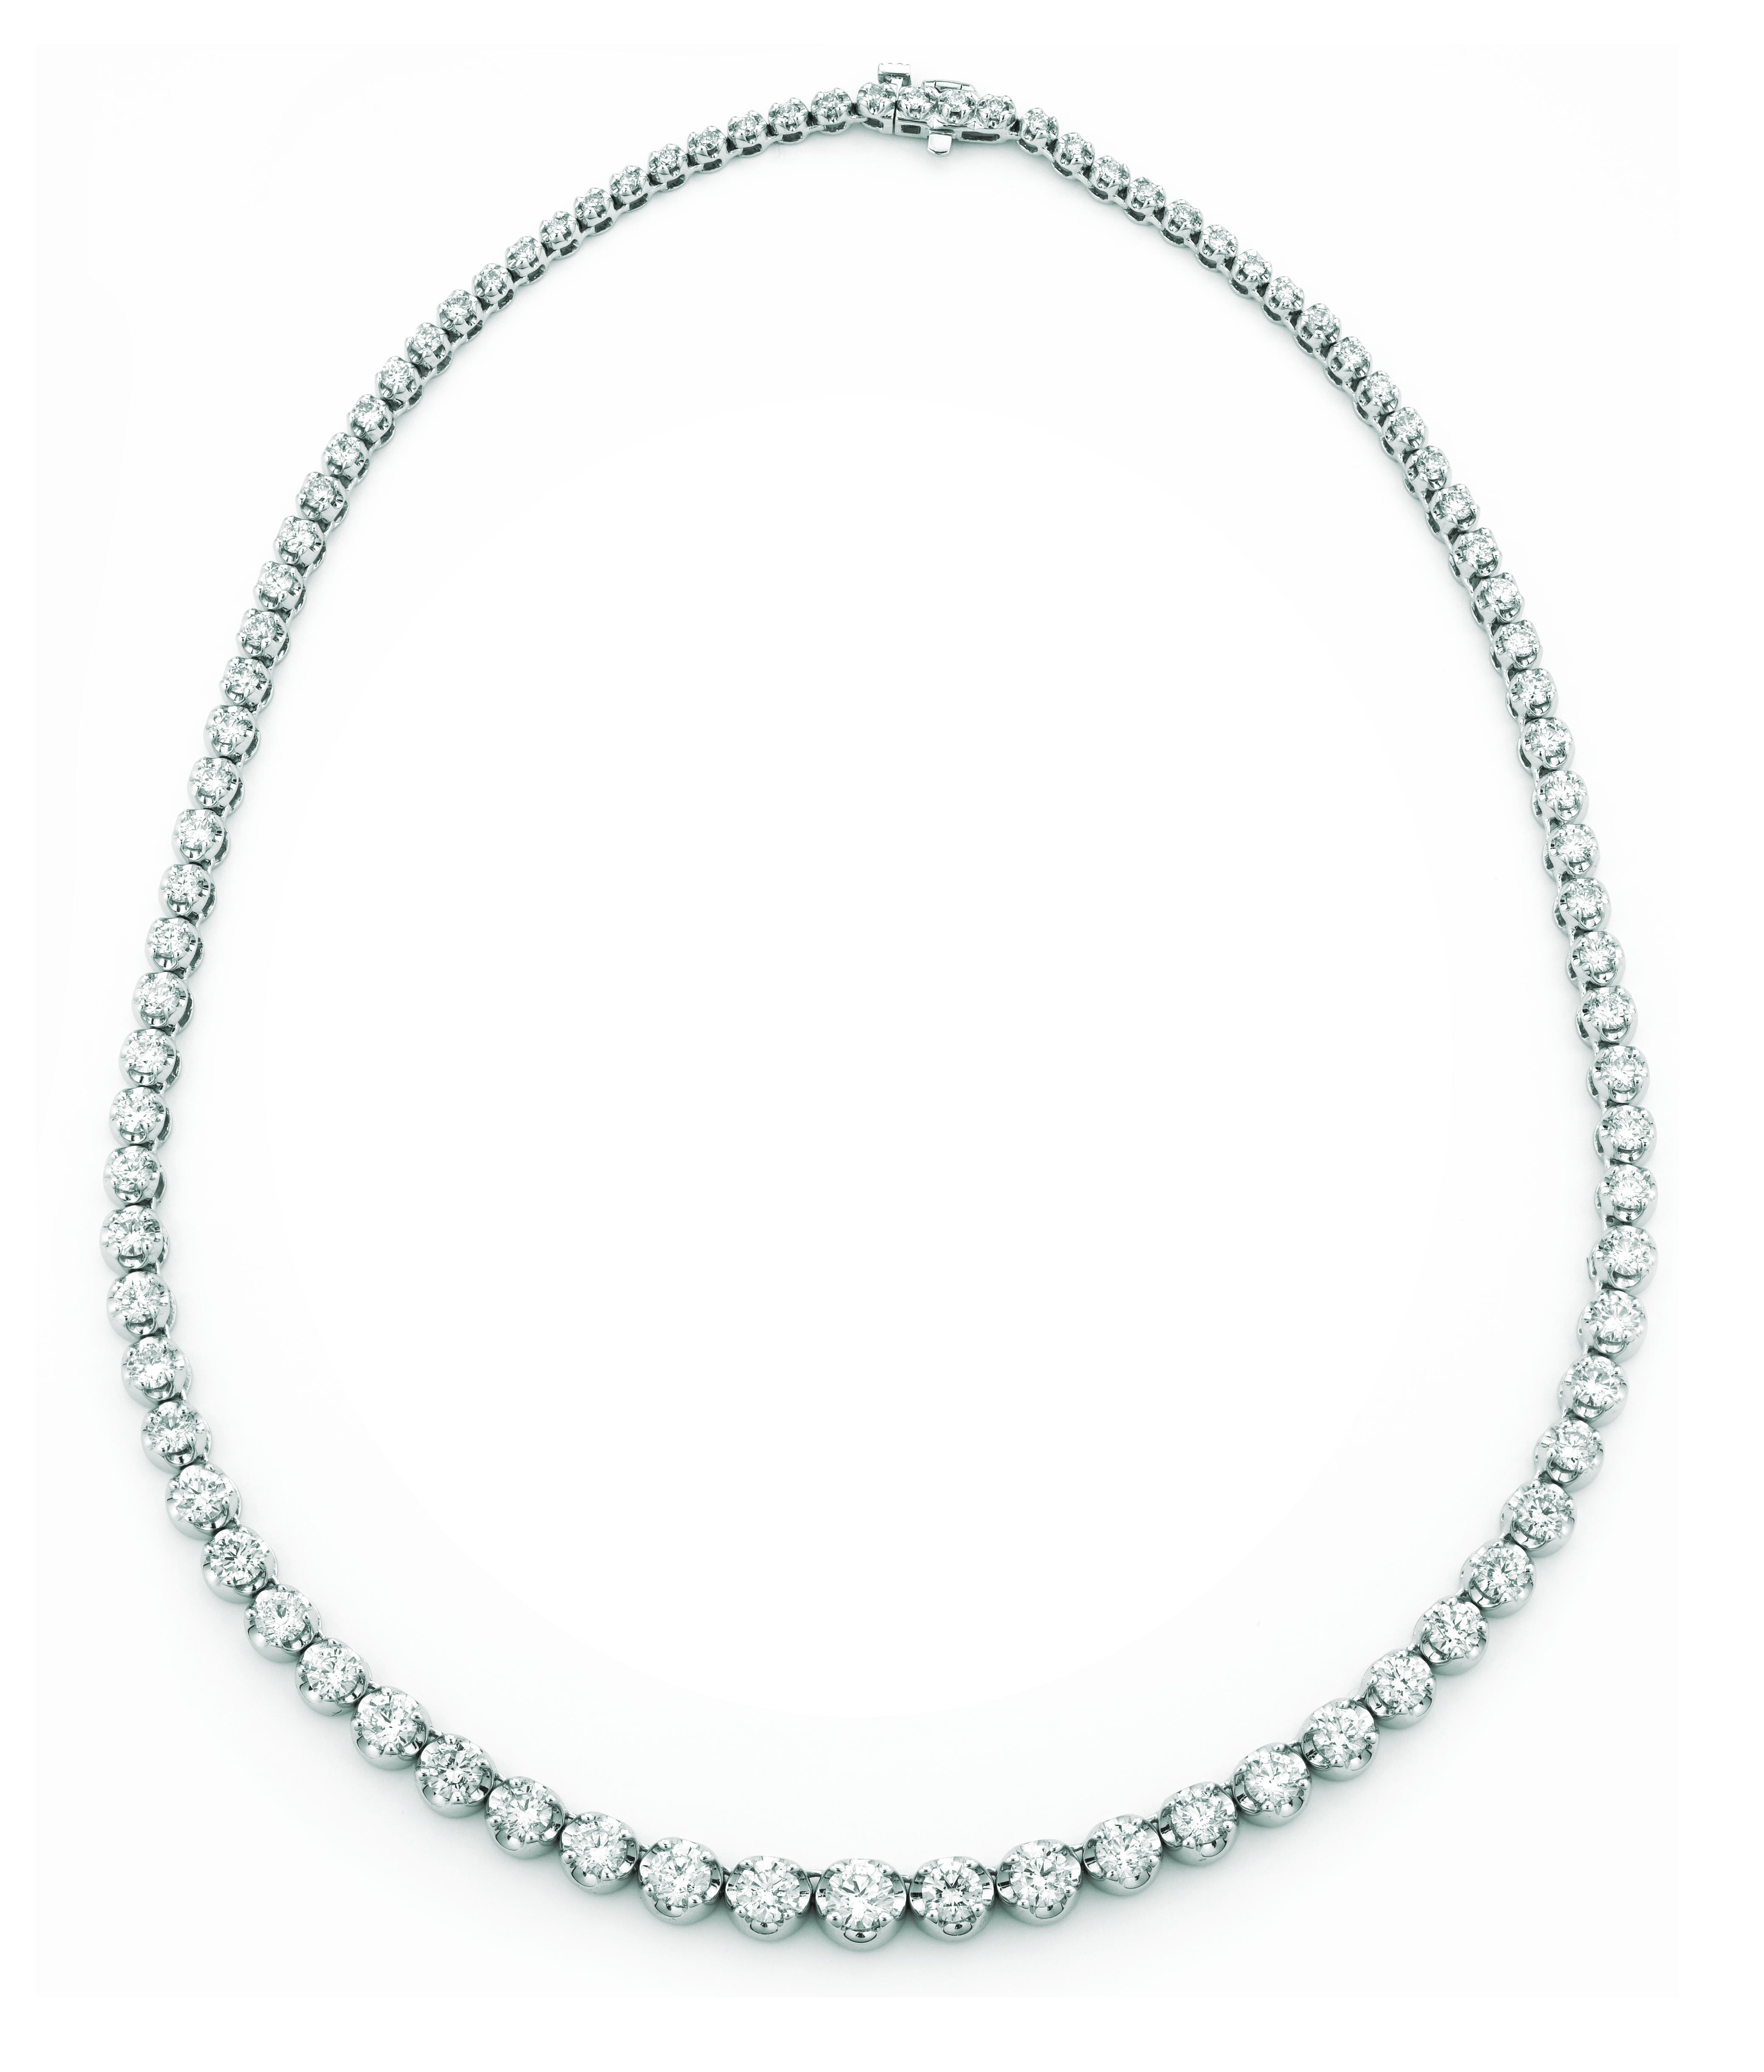 Diamond necklace. Price: $21156.00